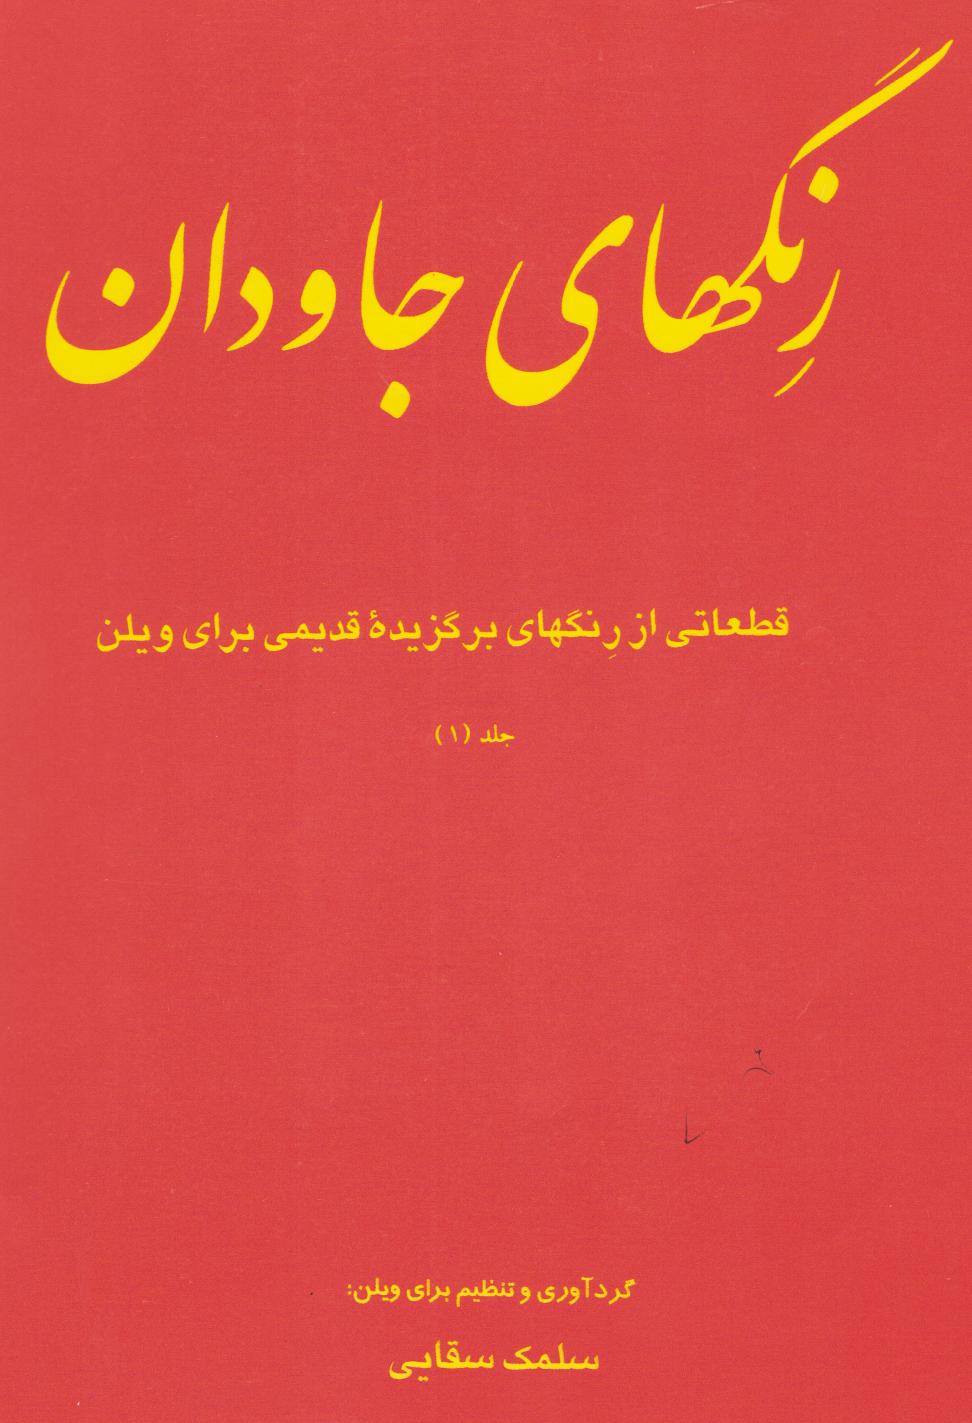 کتاب رنگهای جاودان سلمک سقایی انتشارات تصنیف